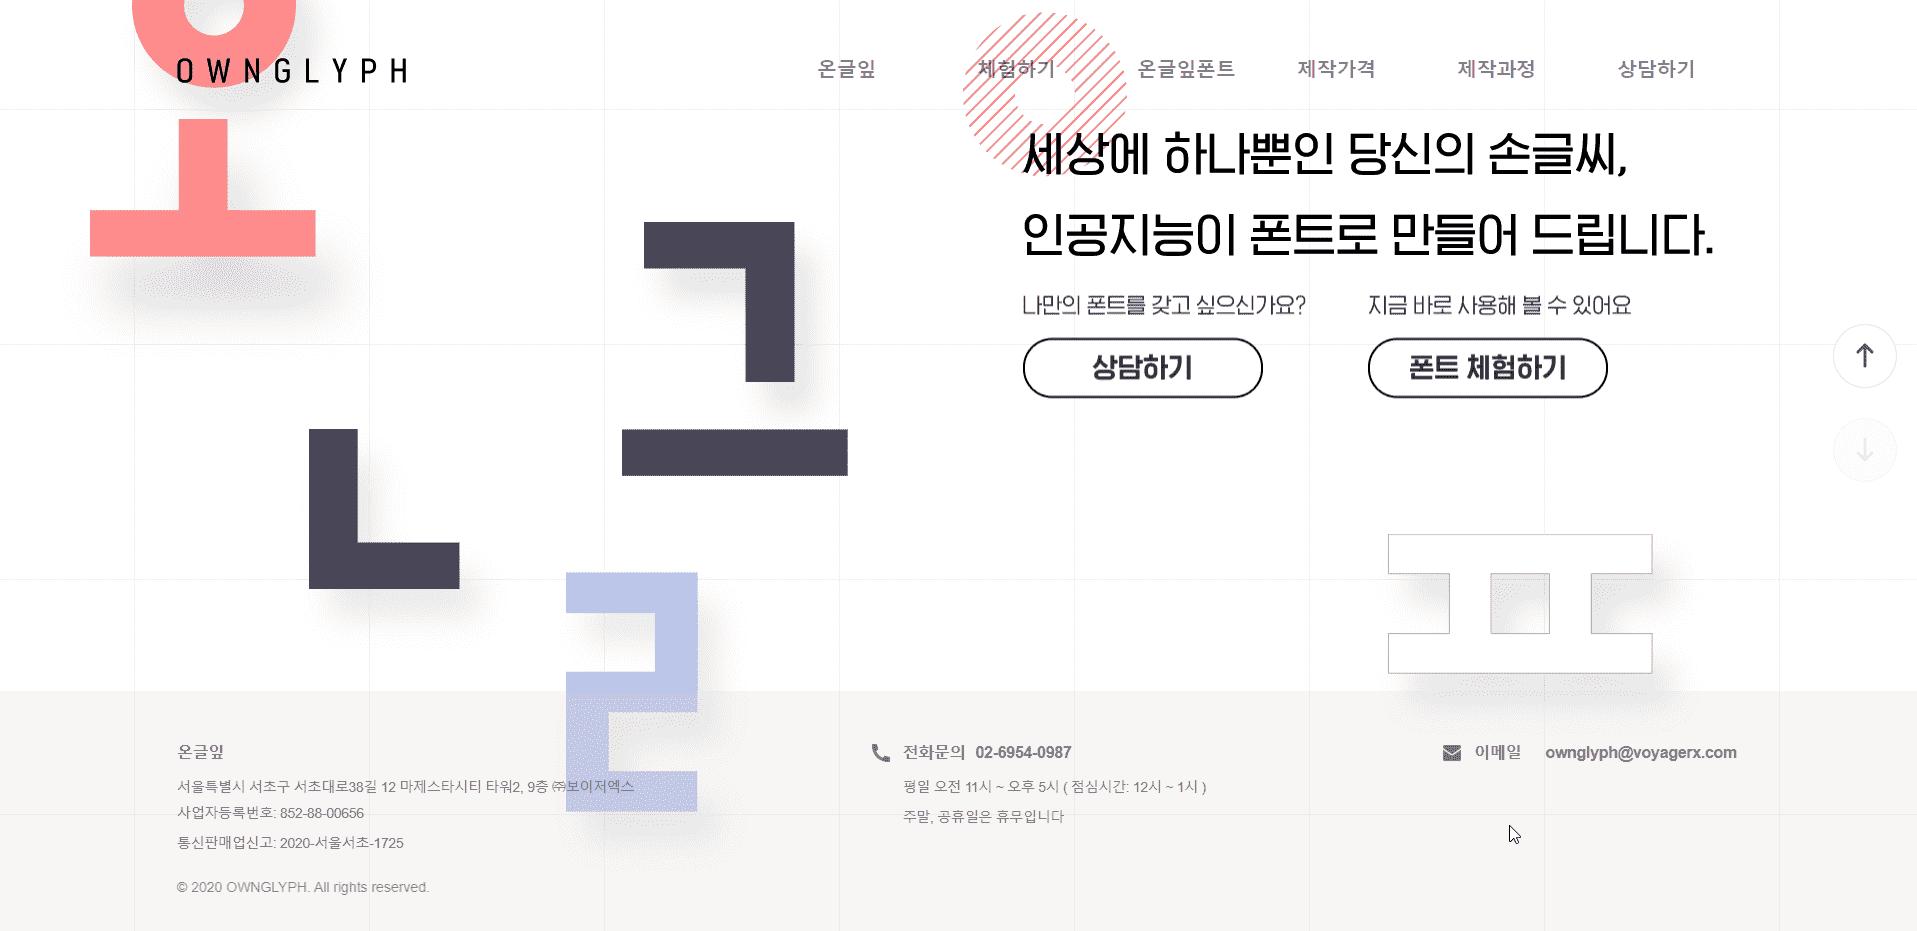 온글잎 웹페이지 메인 화면